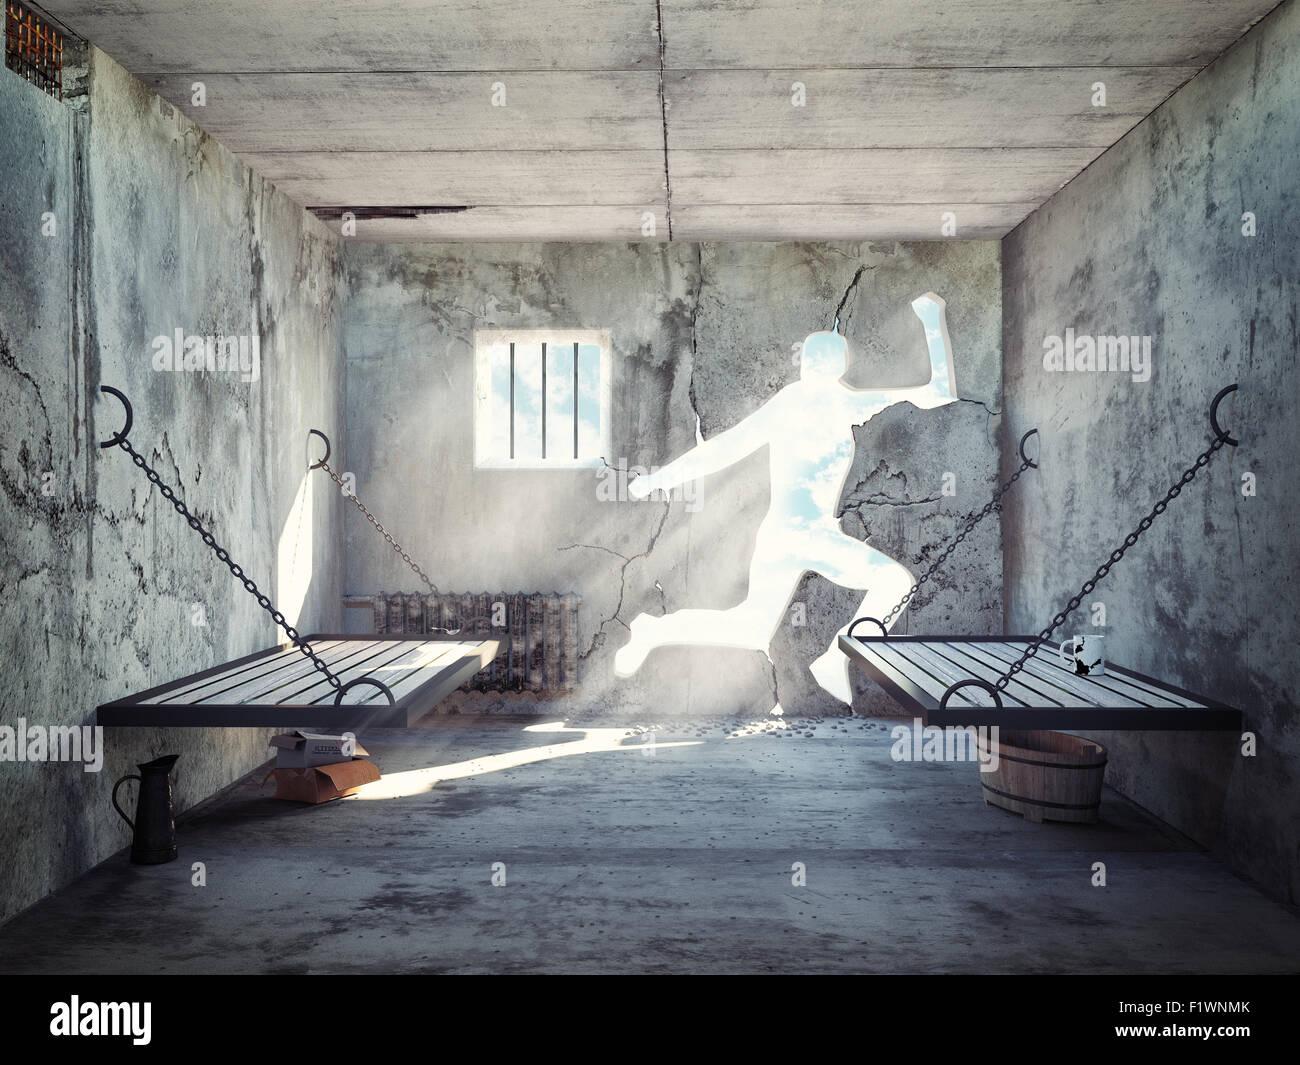 Uscire da una cella di prigione. 3d concept Immagini Stock